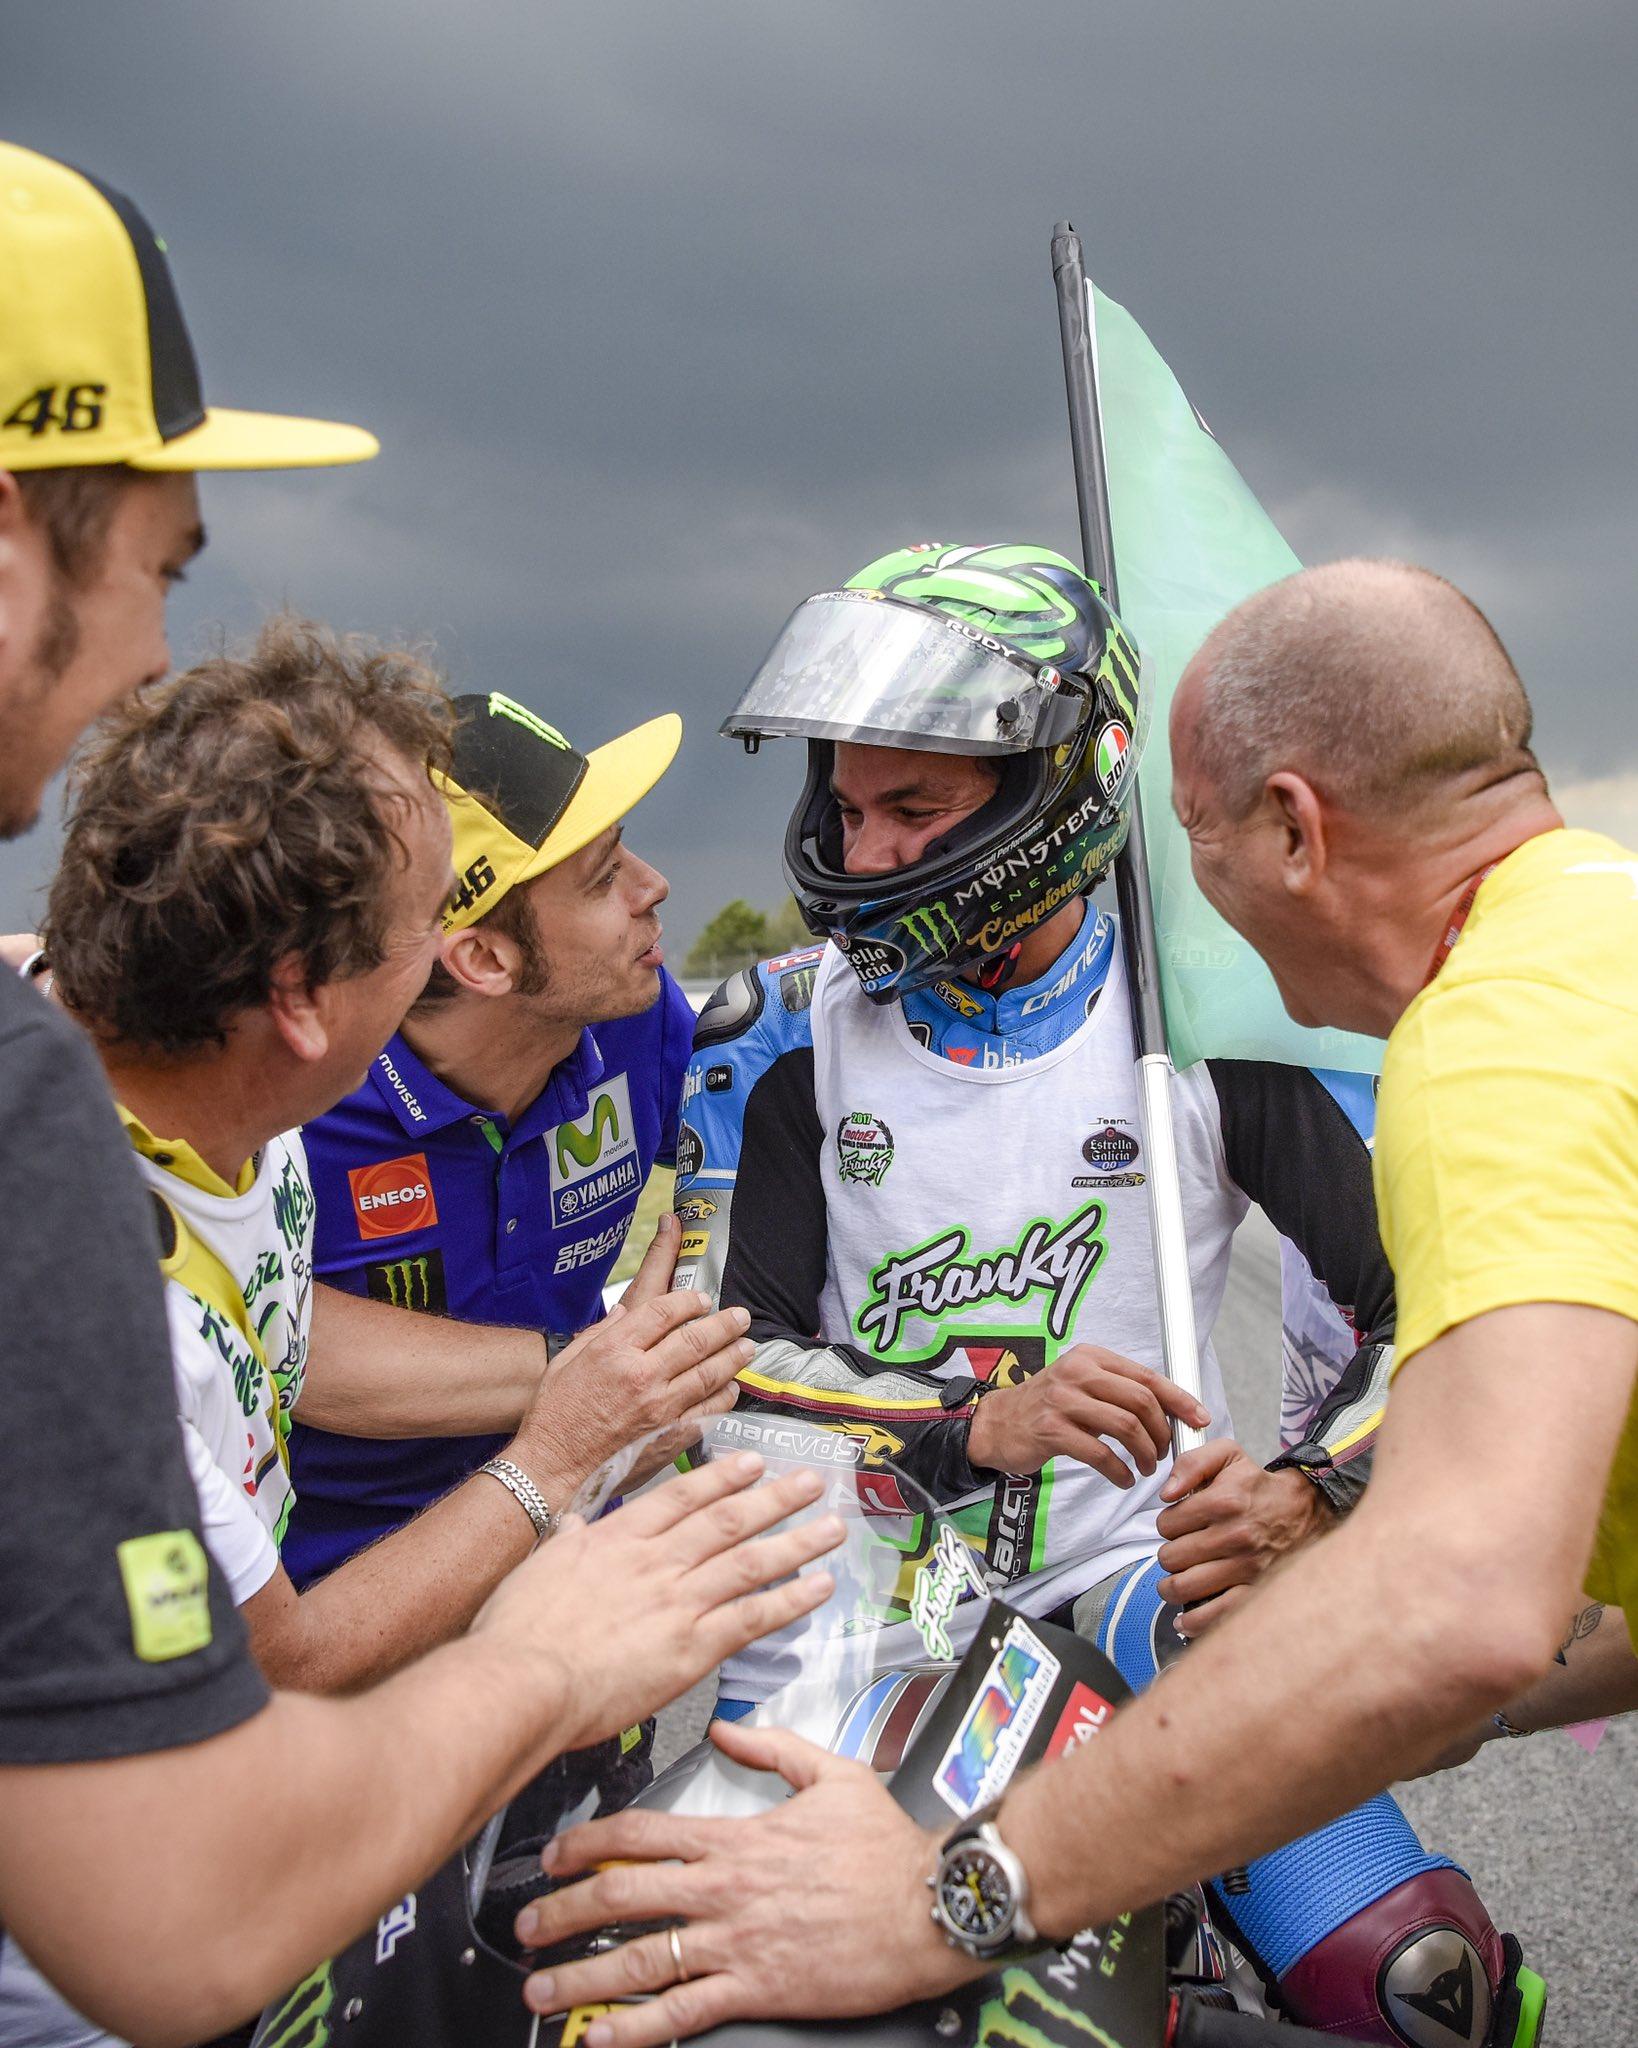 Franco Morbidelli po wywalczeniu mistrzostwa Moto2 w 2017 i Valentino Rossi